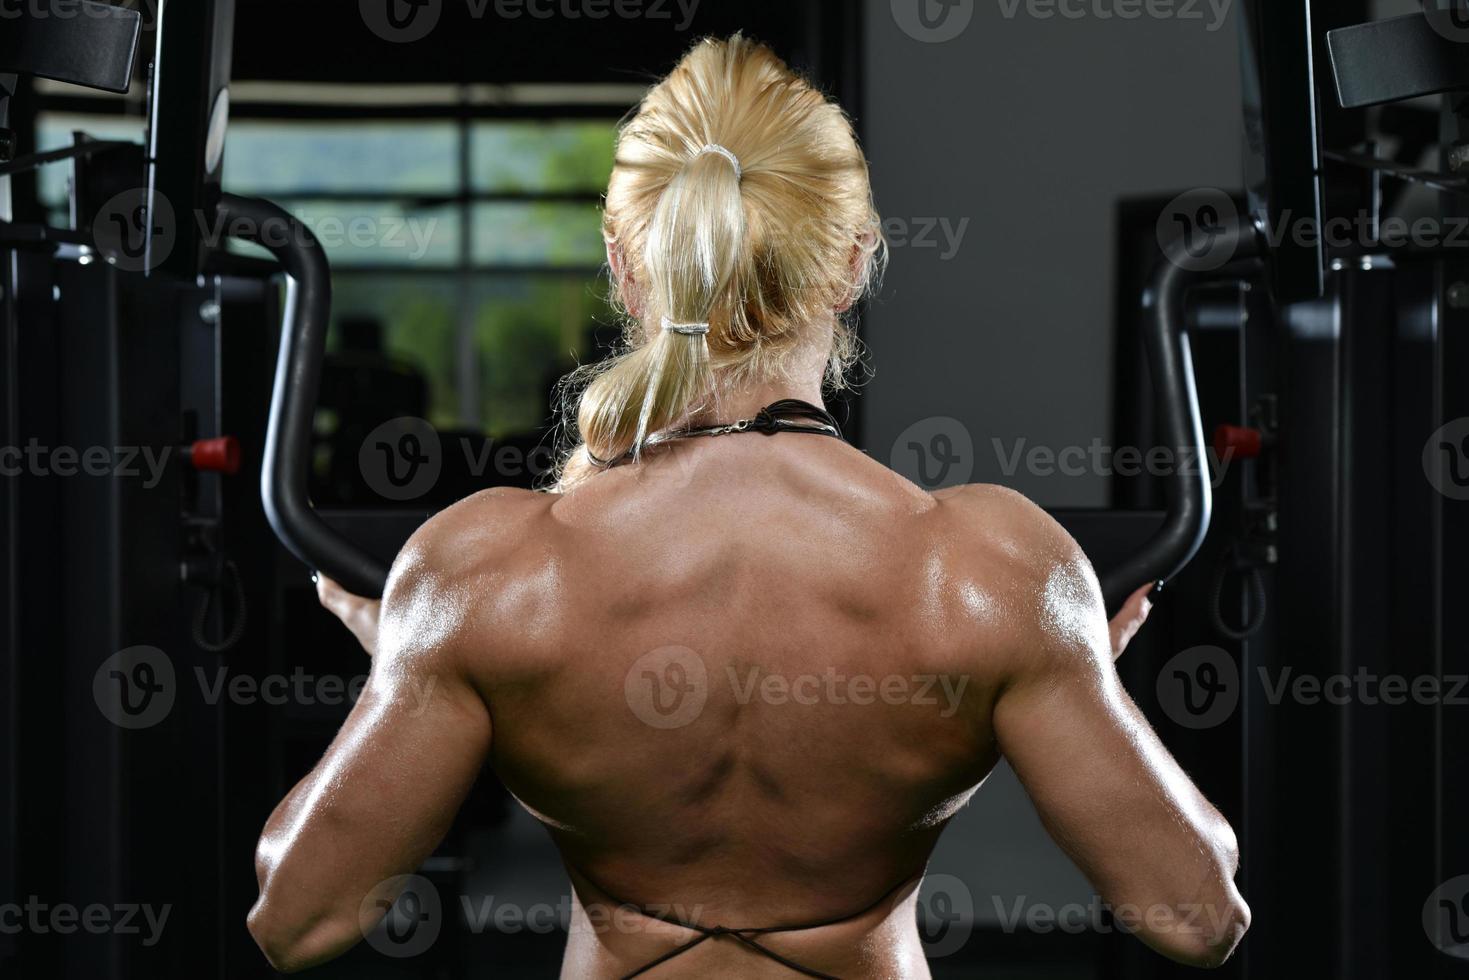 giovane donna che fa esercizio pesante per la schiena foto